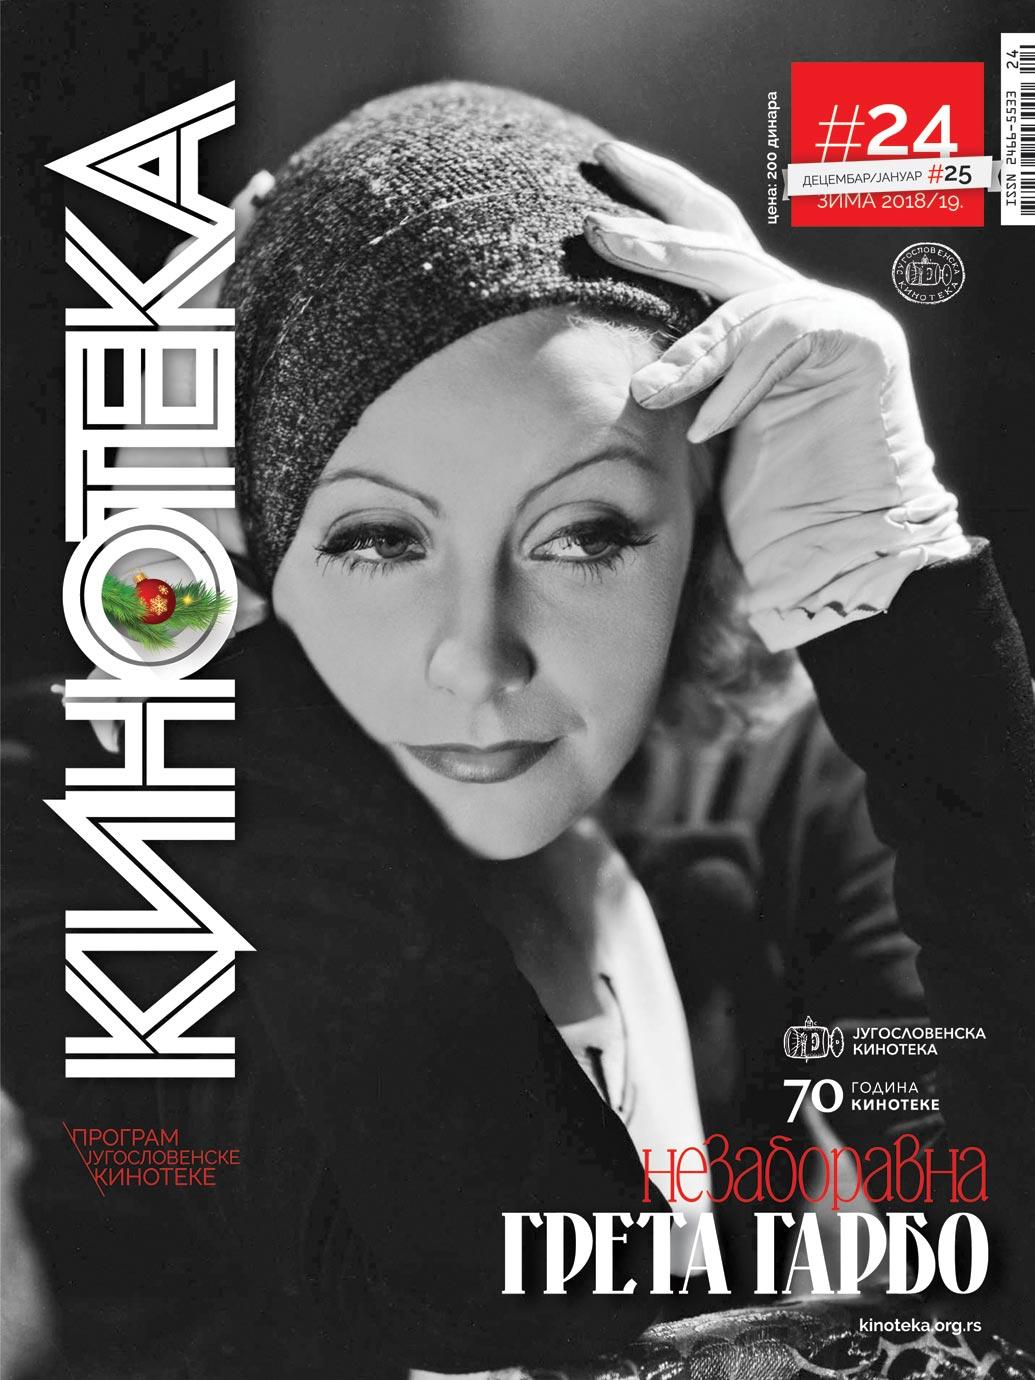 024_025_DECEMBAR_018_KINOTEKA_naslovna